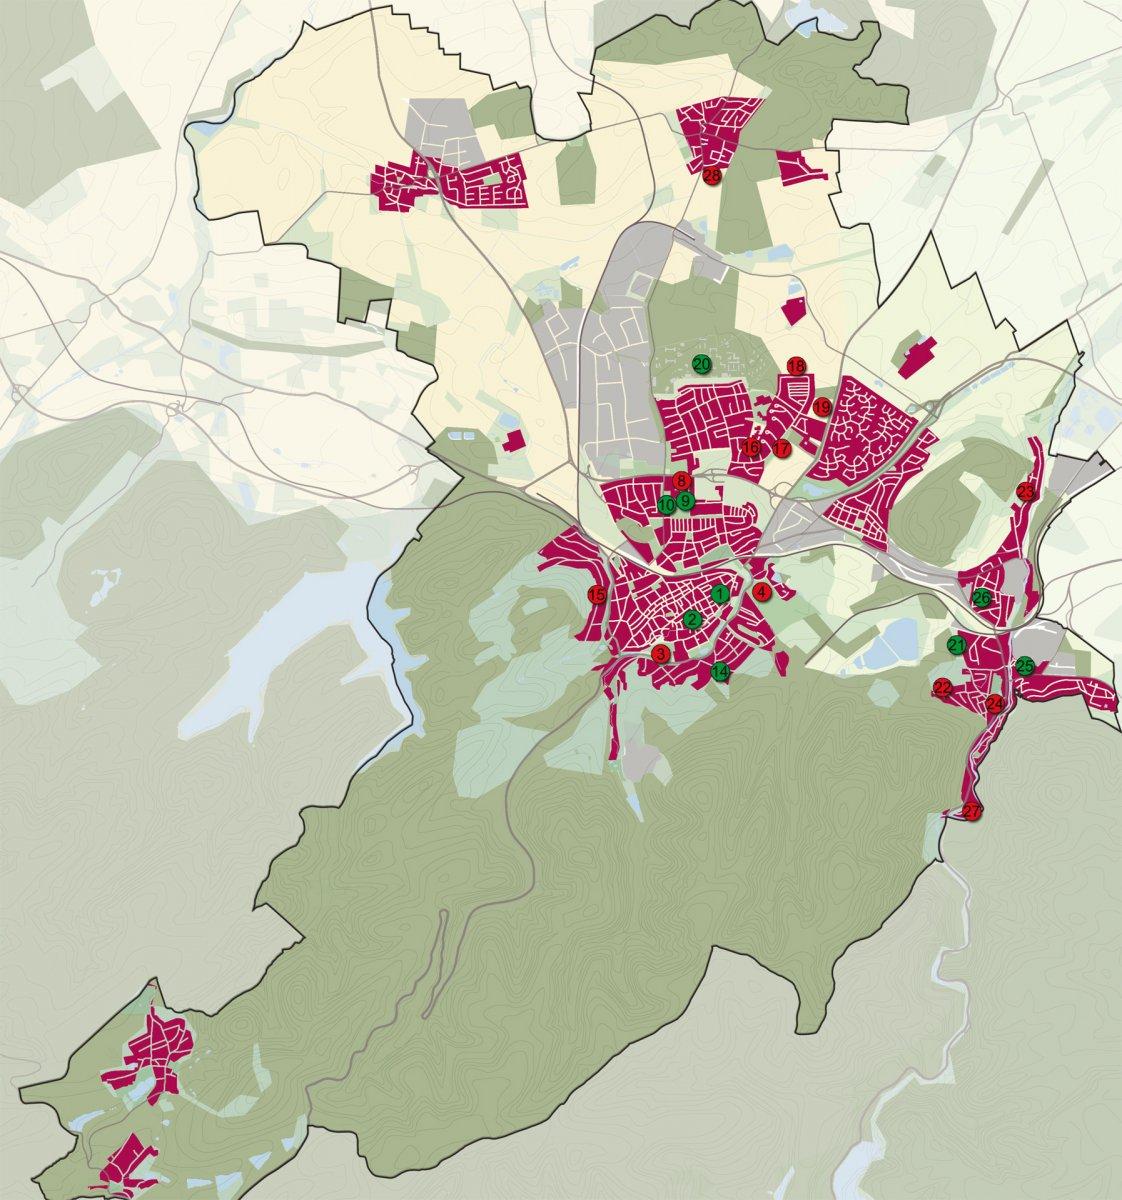 Bewertung der Wohnbaupotentiale